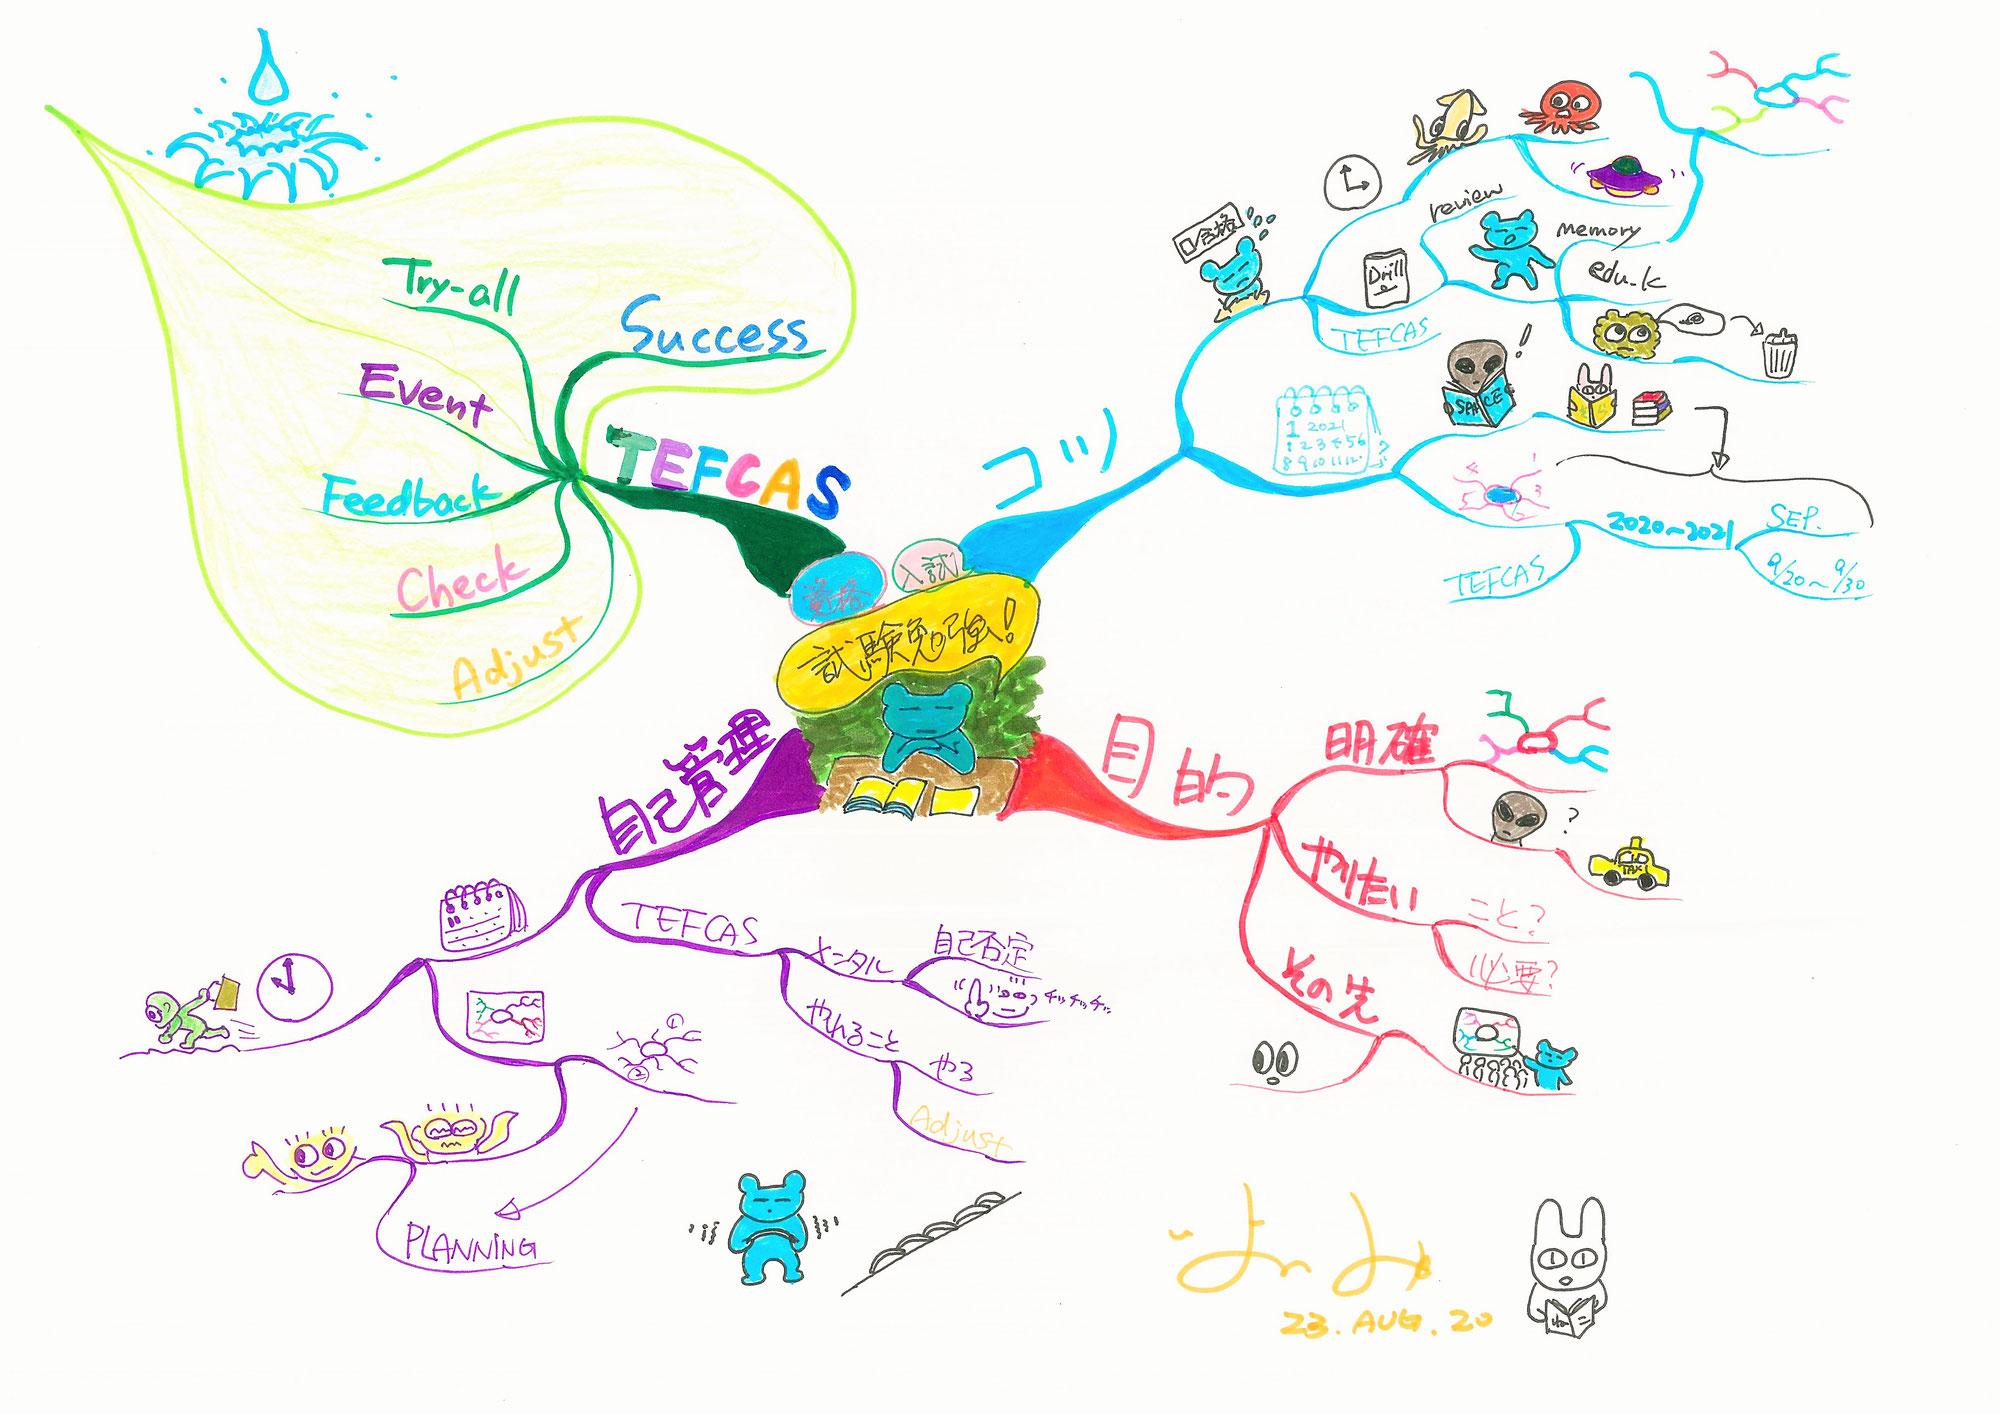 マインドマップの使い道として試験勉強に役立てる (T_T)